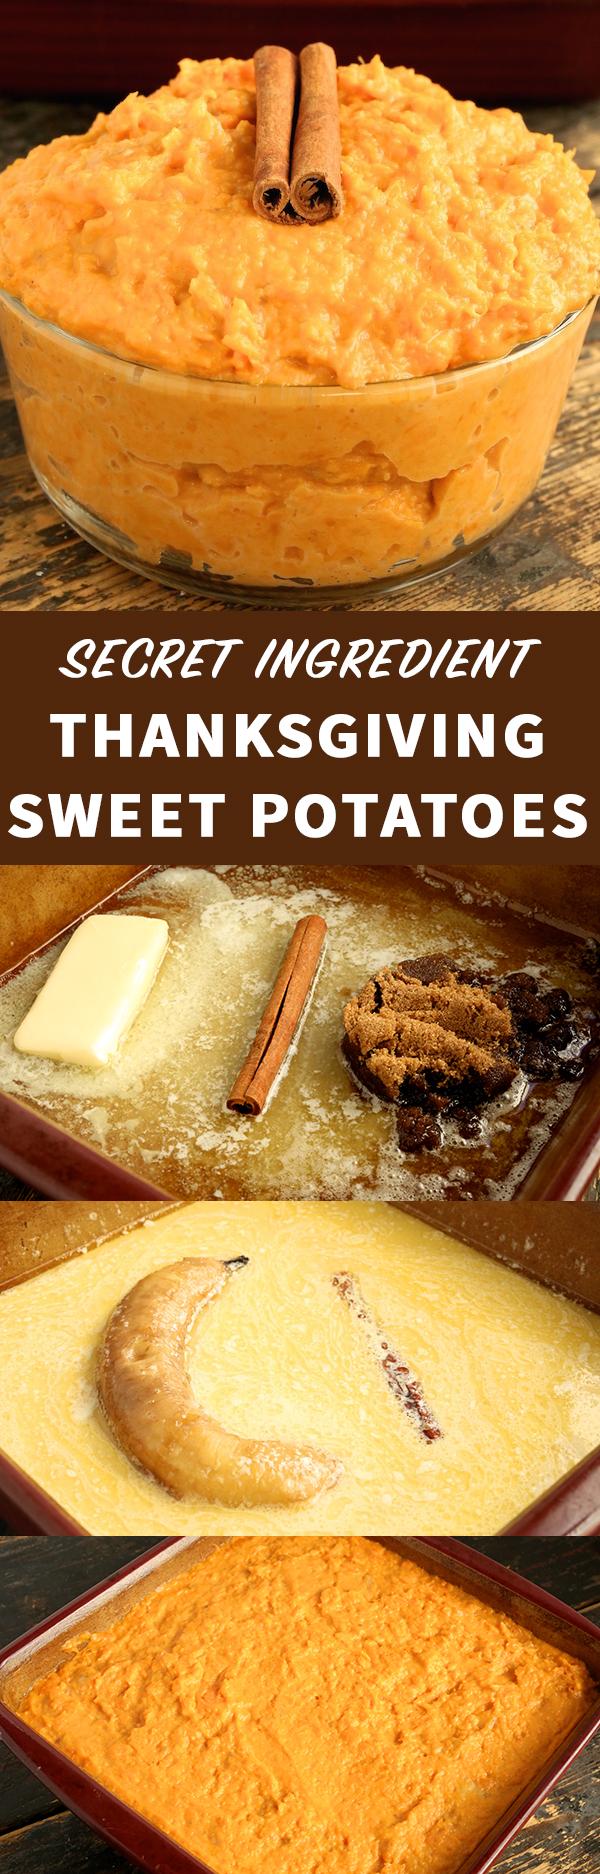 thanksgiving_secret_ingredient_sweet_potatoes_Recipe_pin